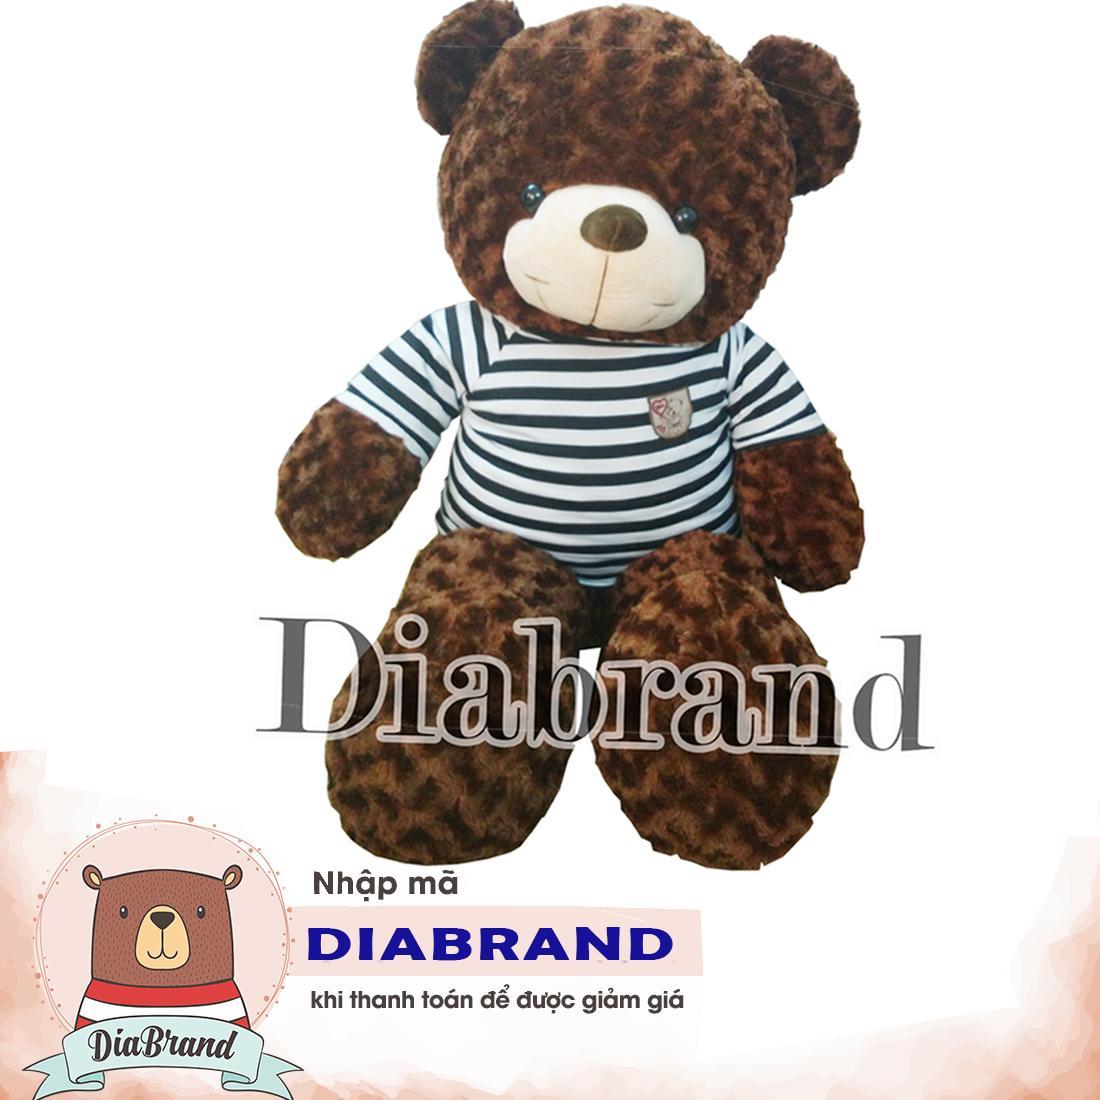 GẤU BÔNG TEDDY CAO CẤP KHỔ VẢI 1M DÀI 80CM NÂU -TEDDY08 (nhà bán hàng Diabrand)